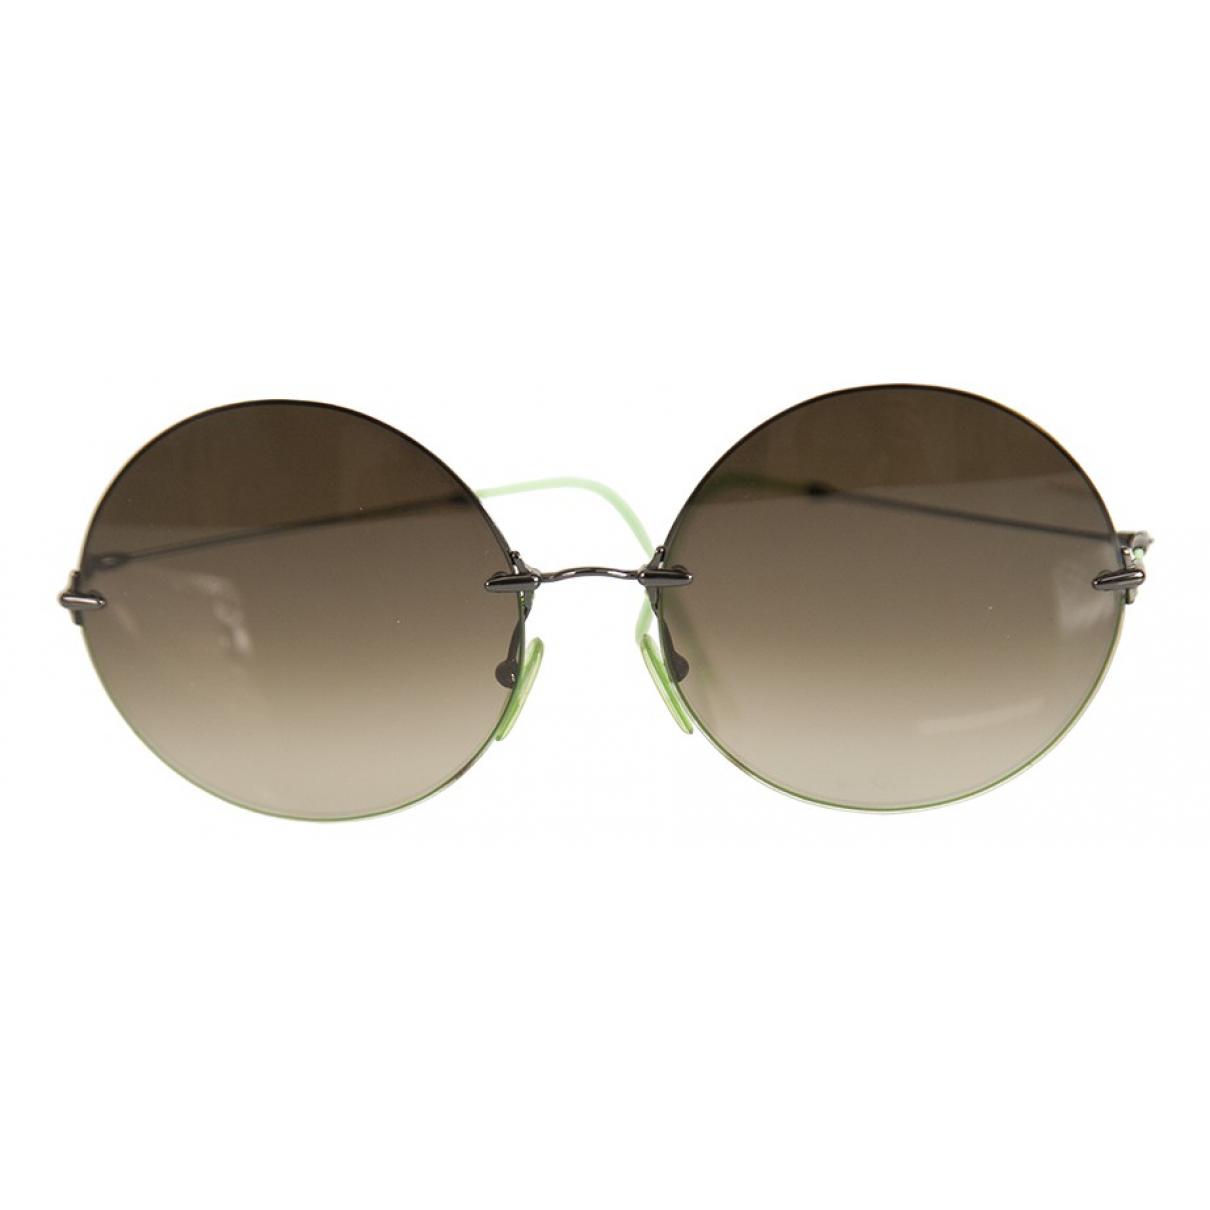 Christopher Kane N Green Metal Sunglasses for Women N